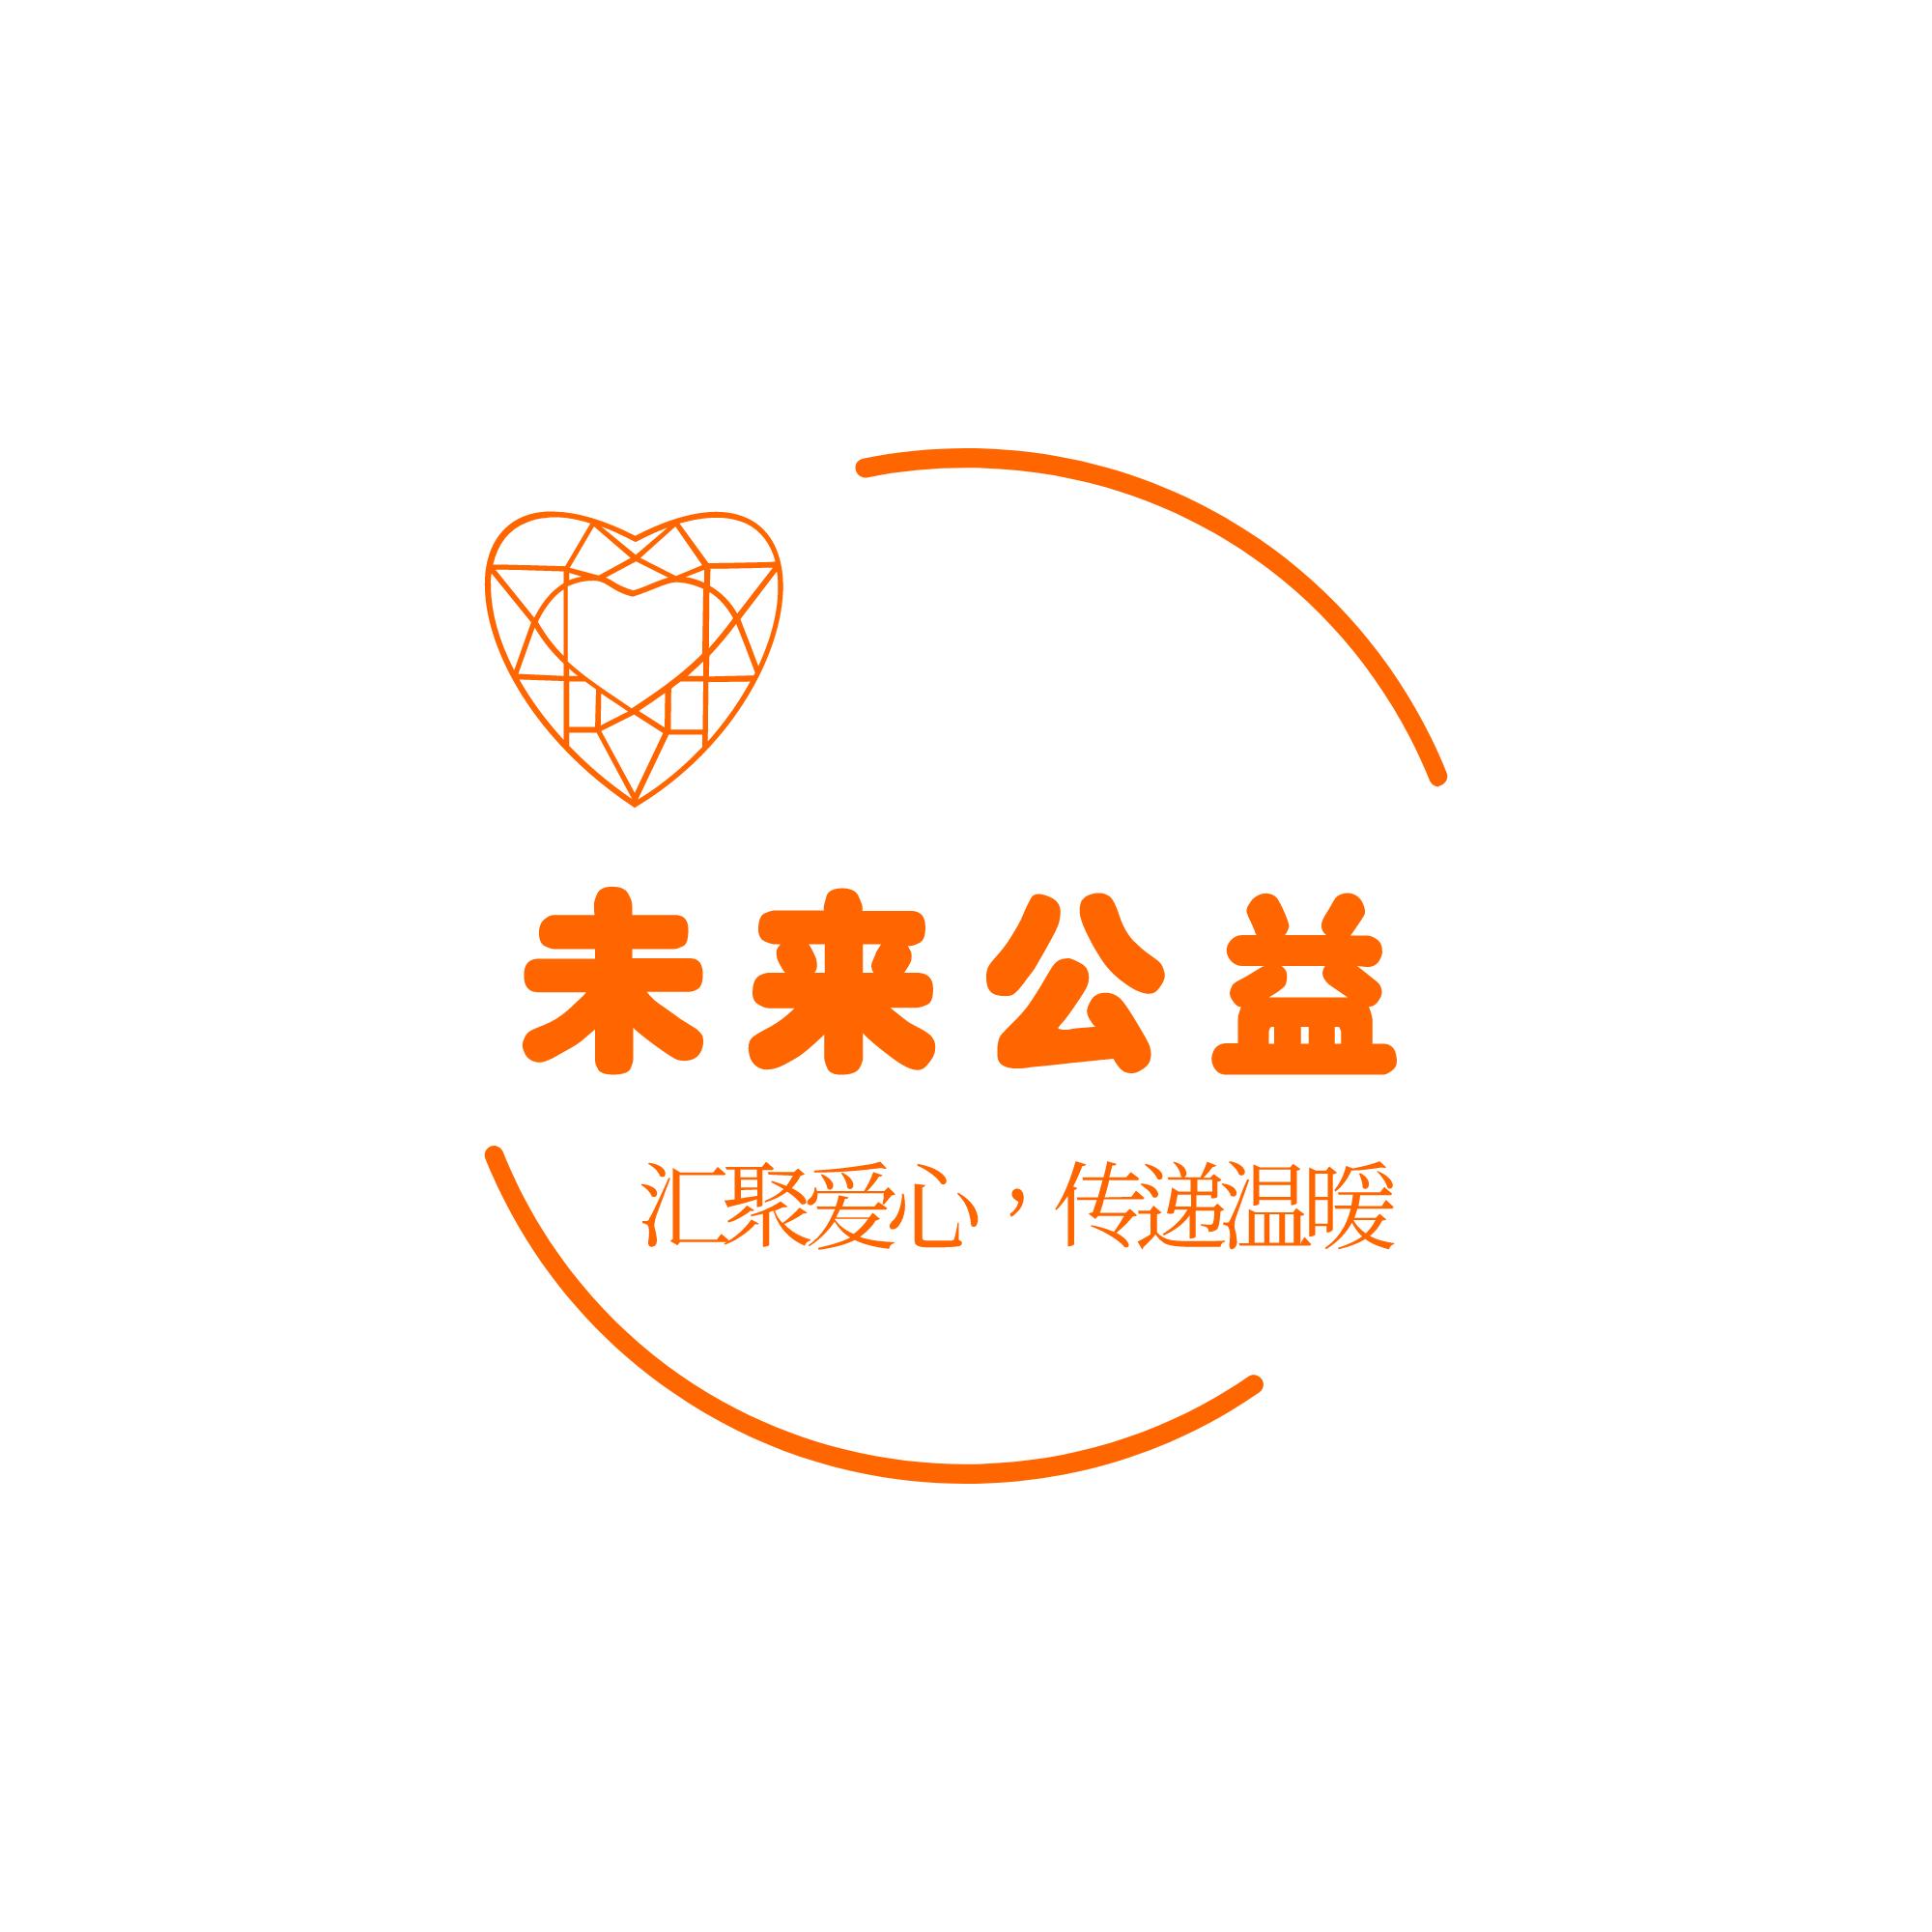 内蒙古自治区鄂尔多斯市伊金霍洛旗未来公益社会工作服务中心